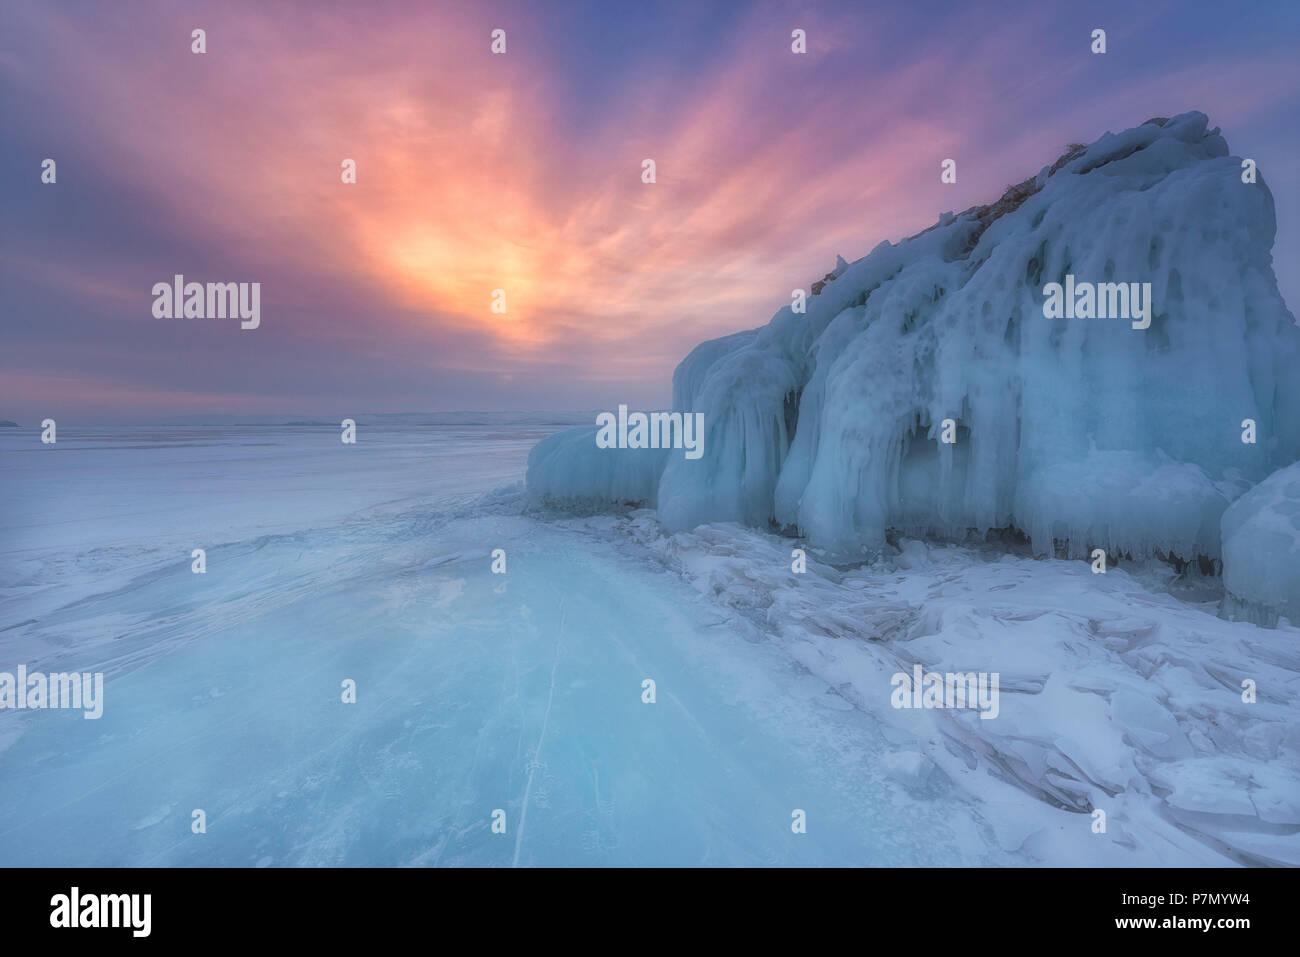 Montagne de glace au lever du soleil au lac Baikal, région d'Irkoutsk, en Sibérie, Russie Photo Stock